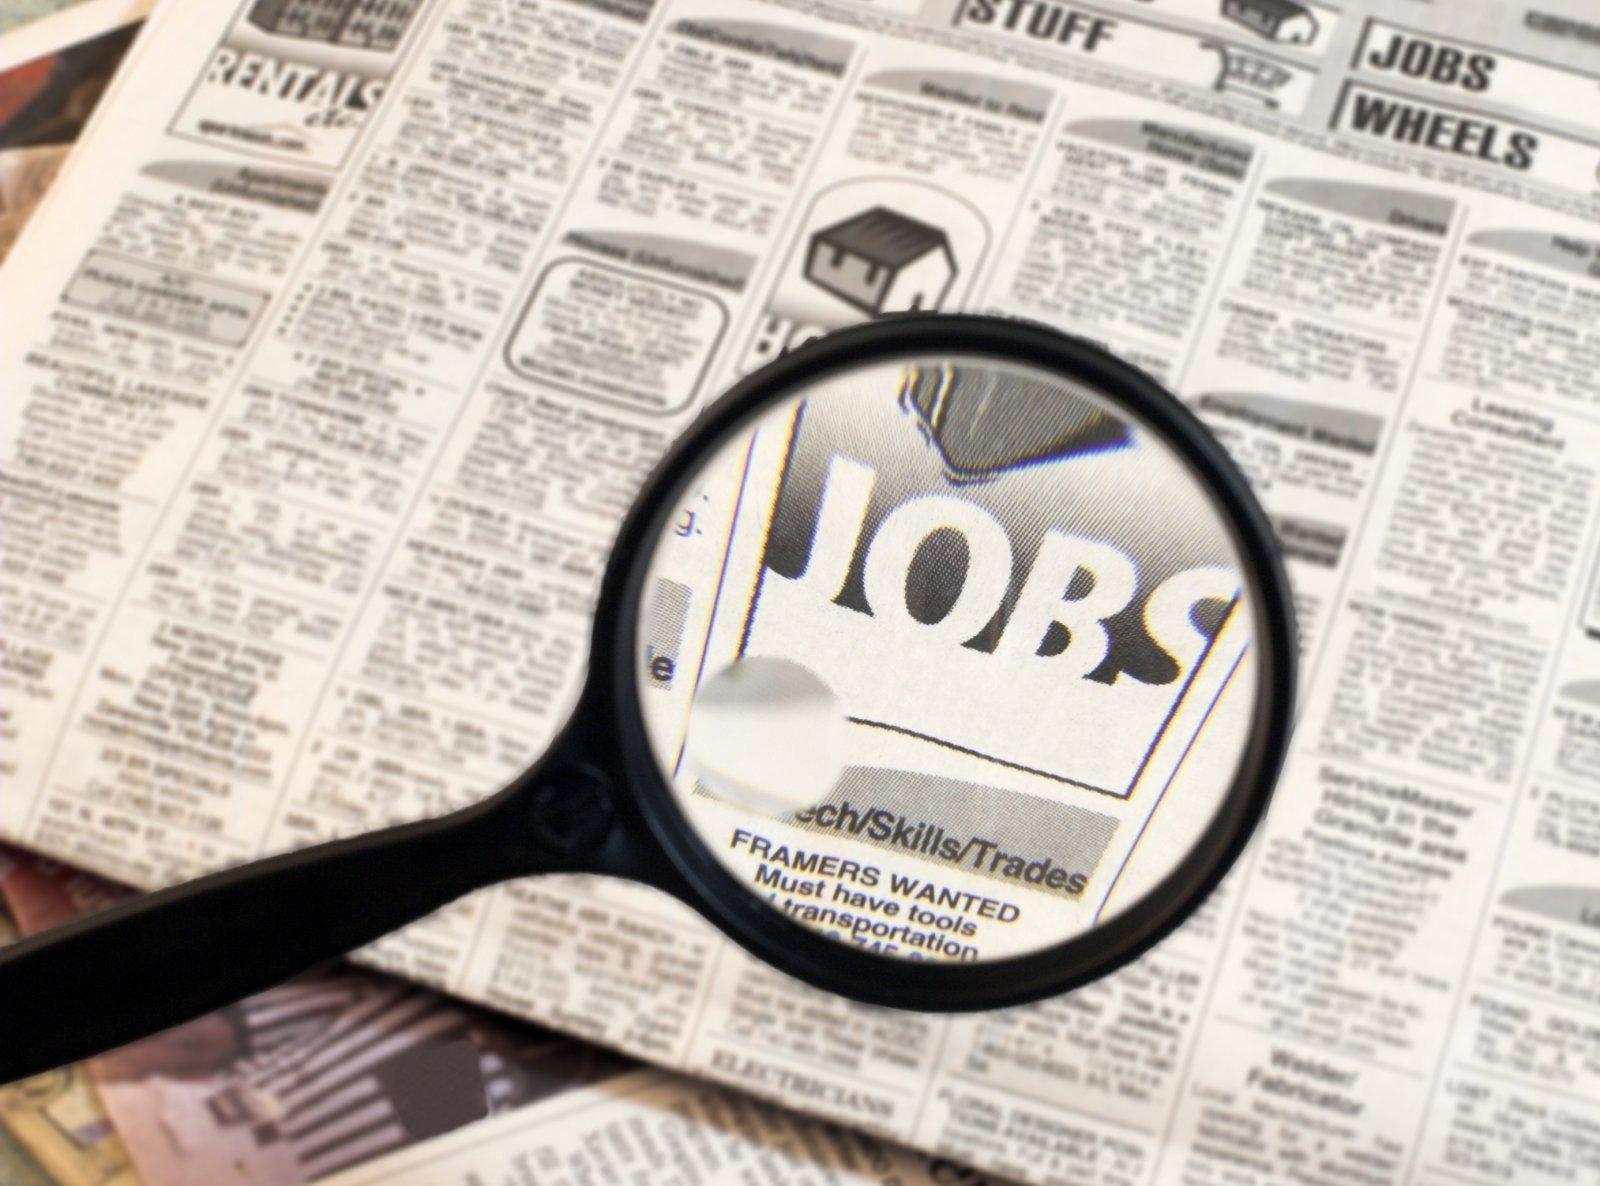 Facebook e job search: due mondi inconciliabili?